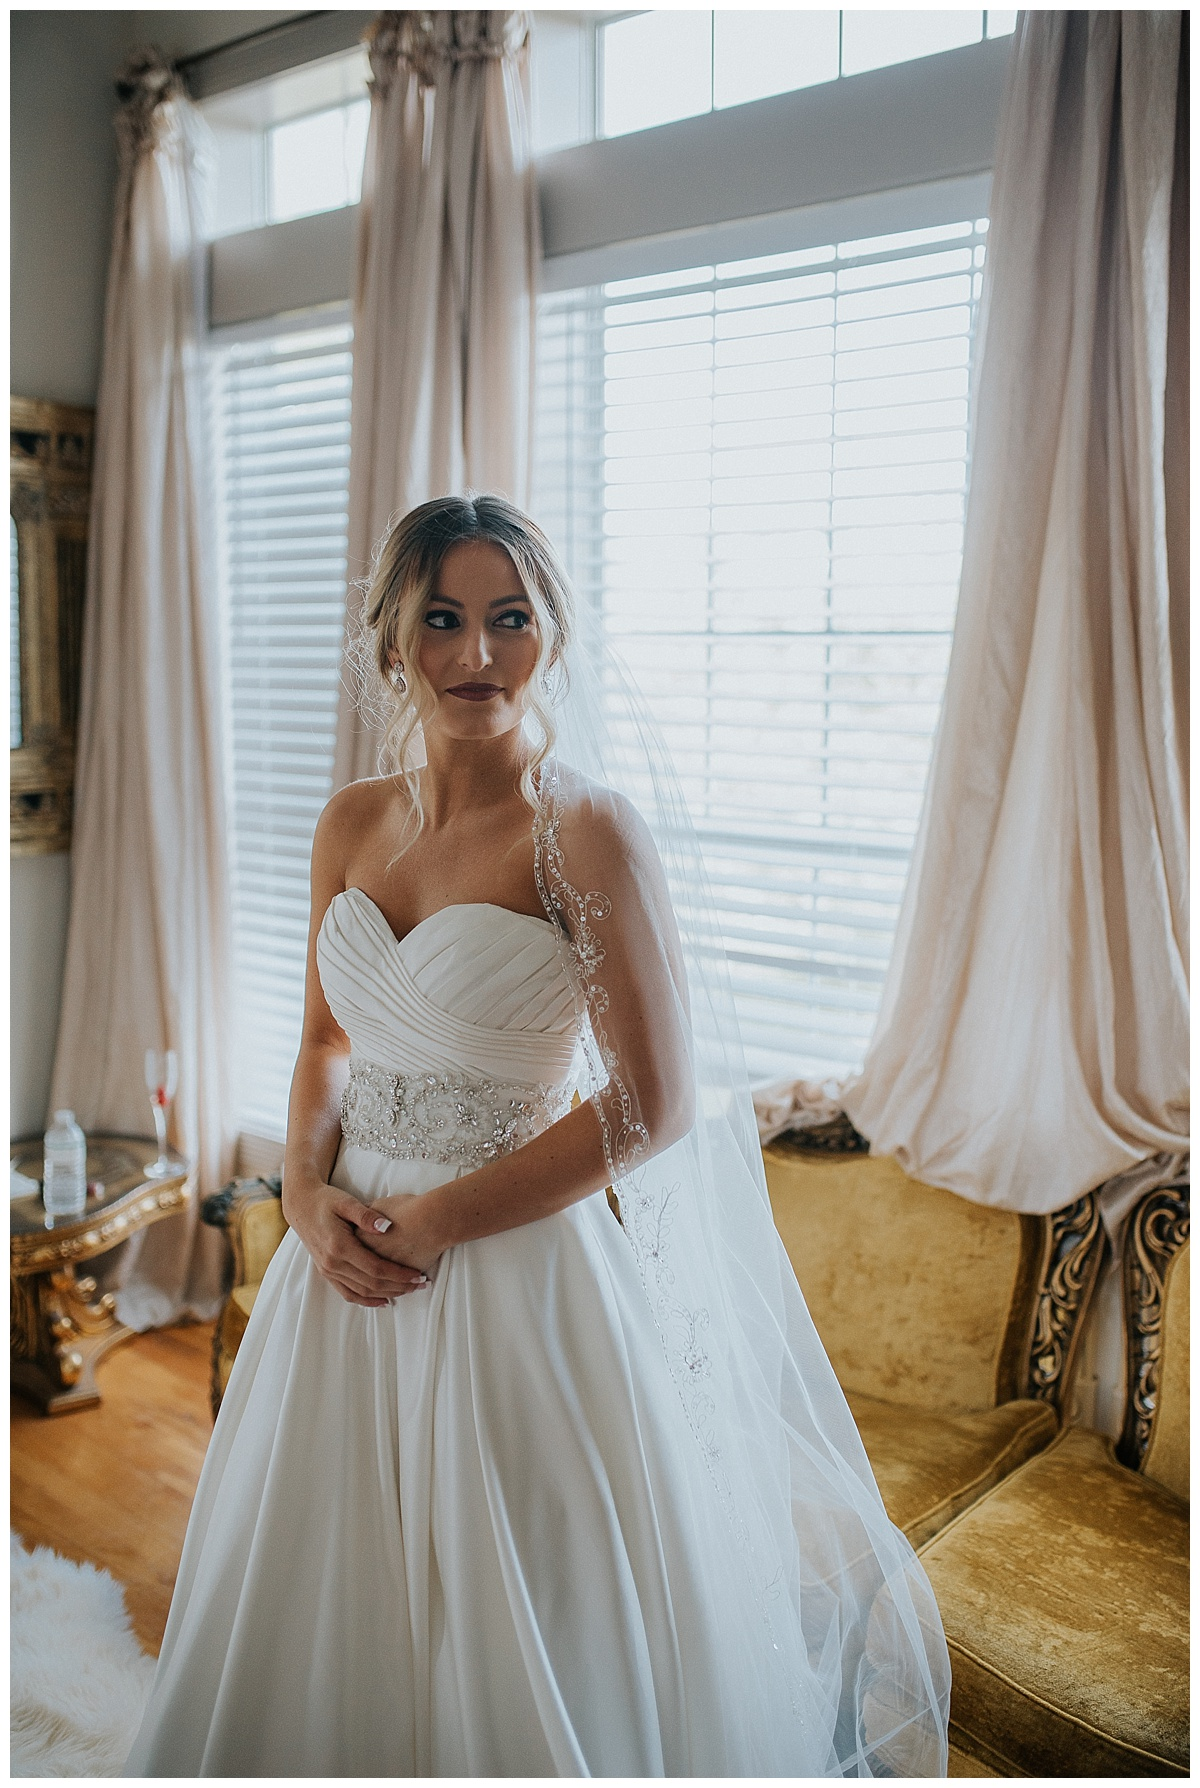 Rustic-Barn-Wedding-Halifax-Nova-Scotia_24.jpg